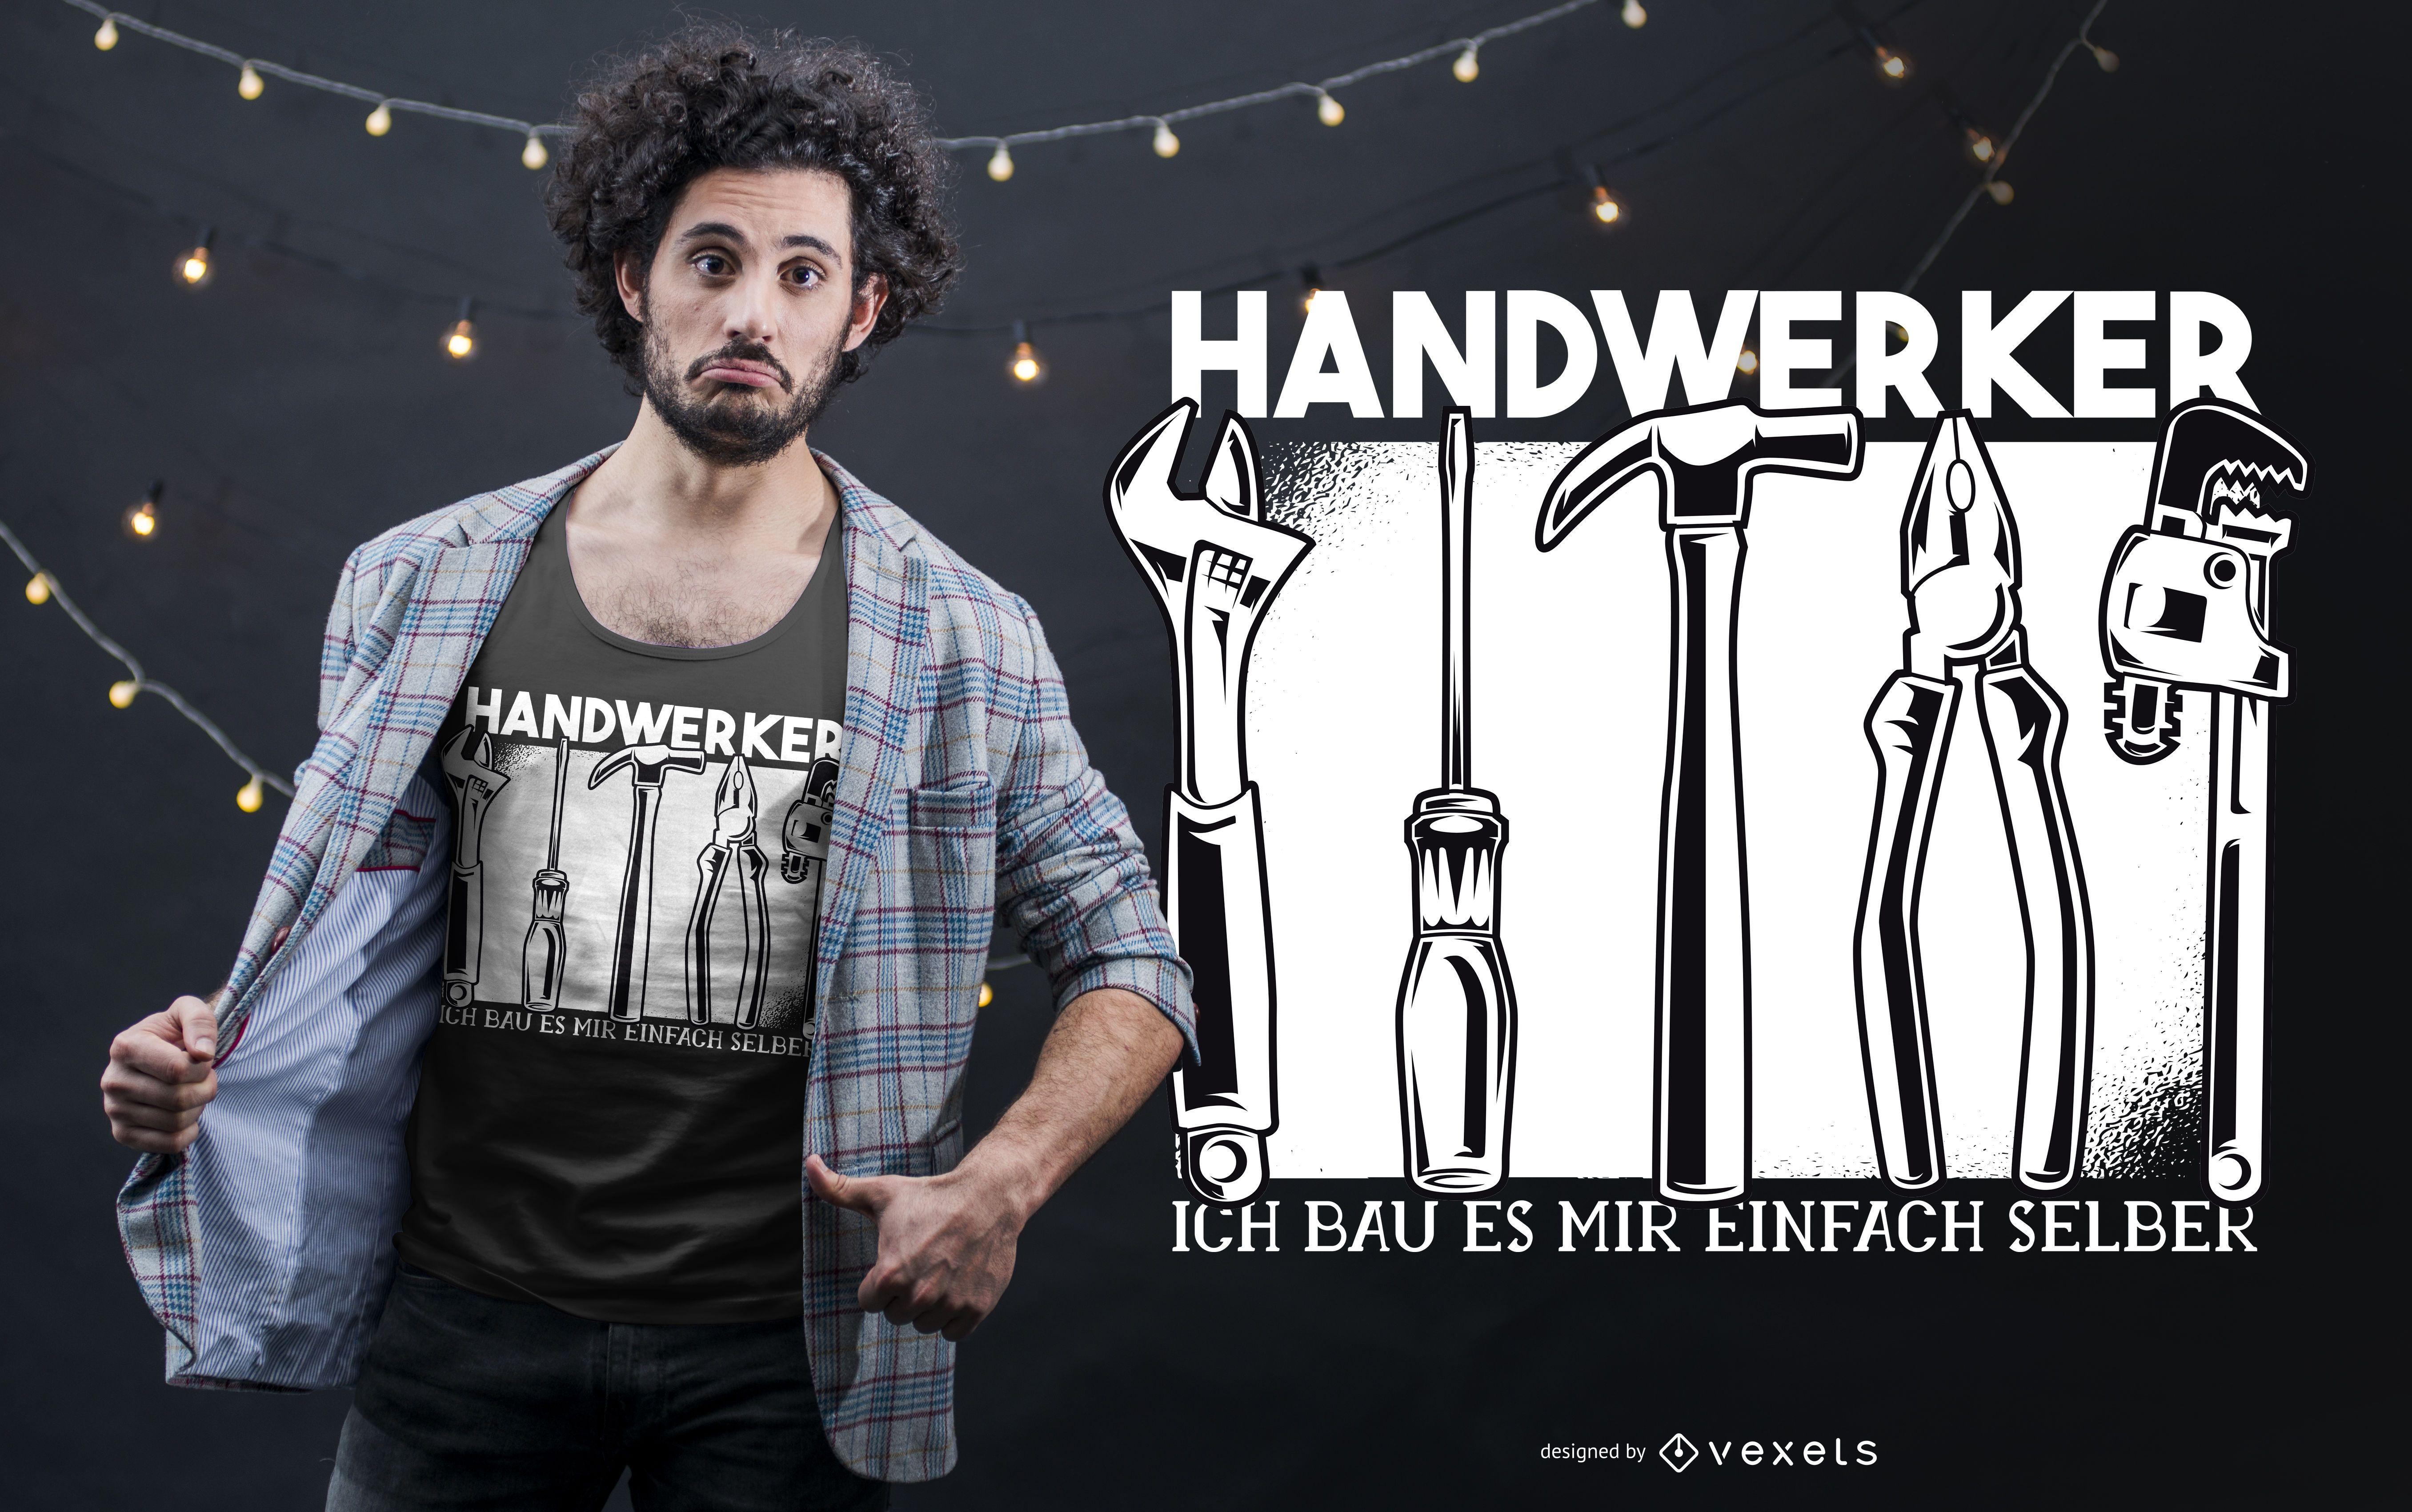 Diseño de camiseta alemana Handworker